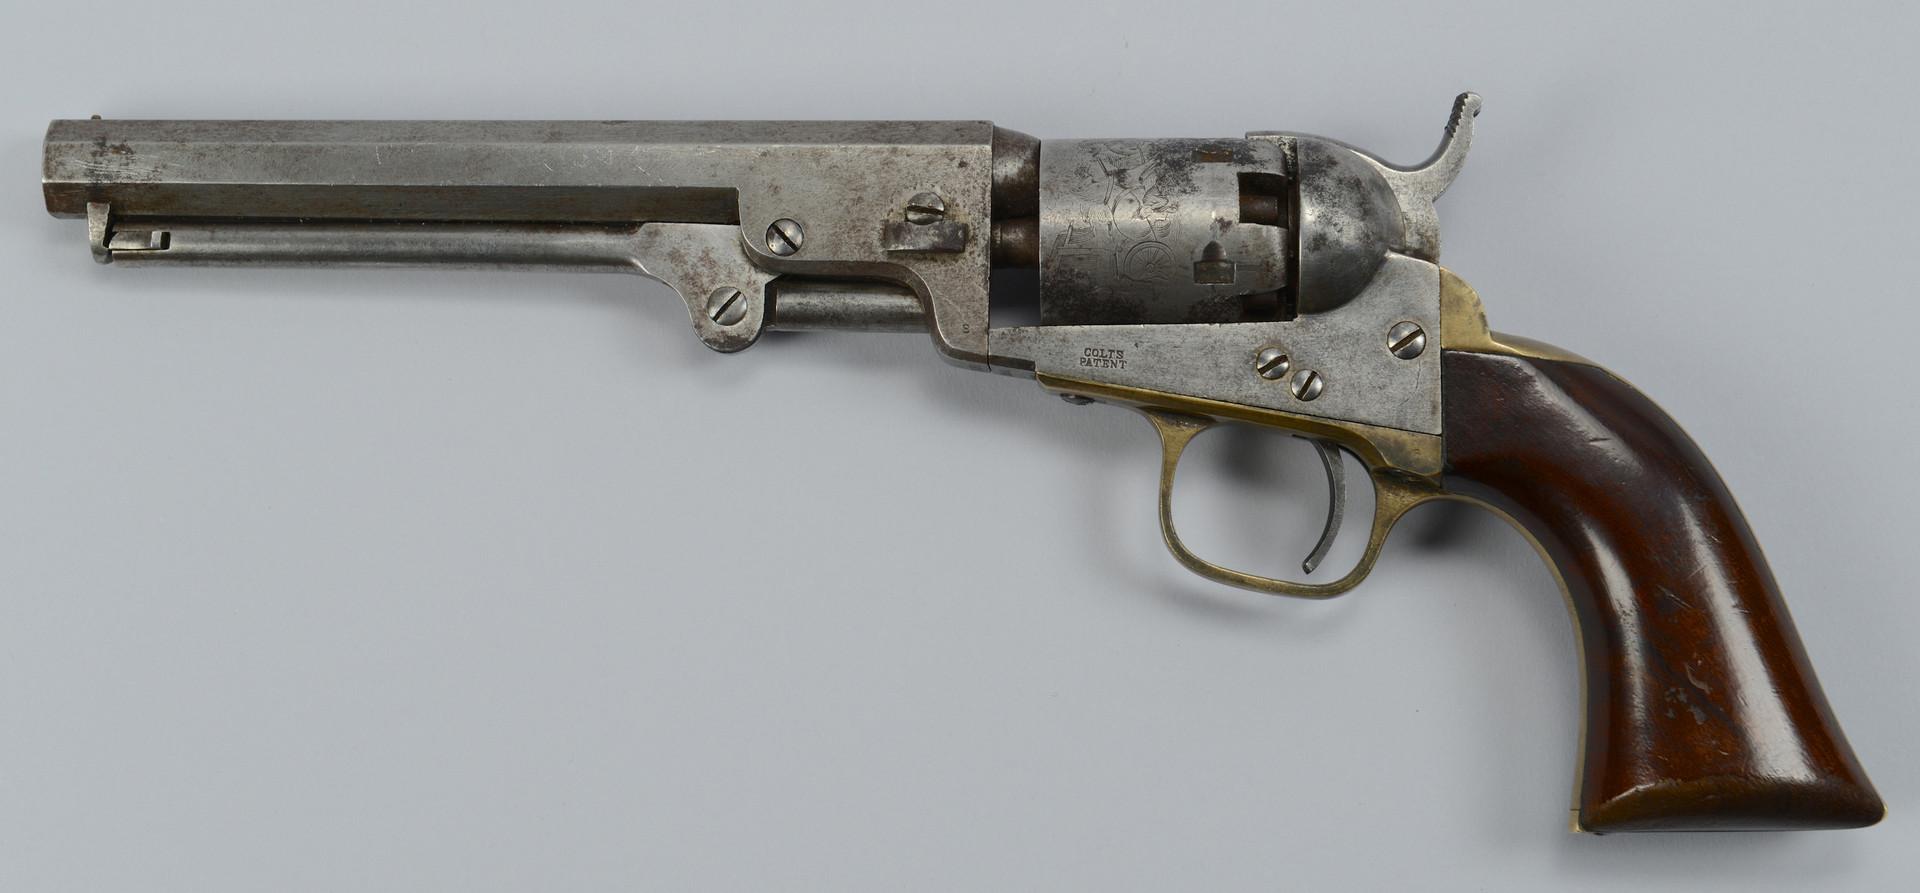 Lot 389: Colt Model 1849 Pocket Revolver, 1859